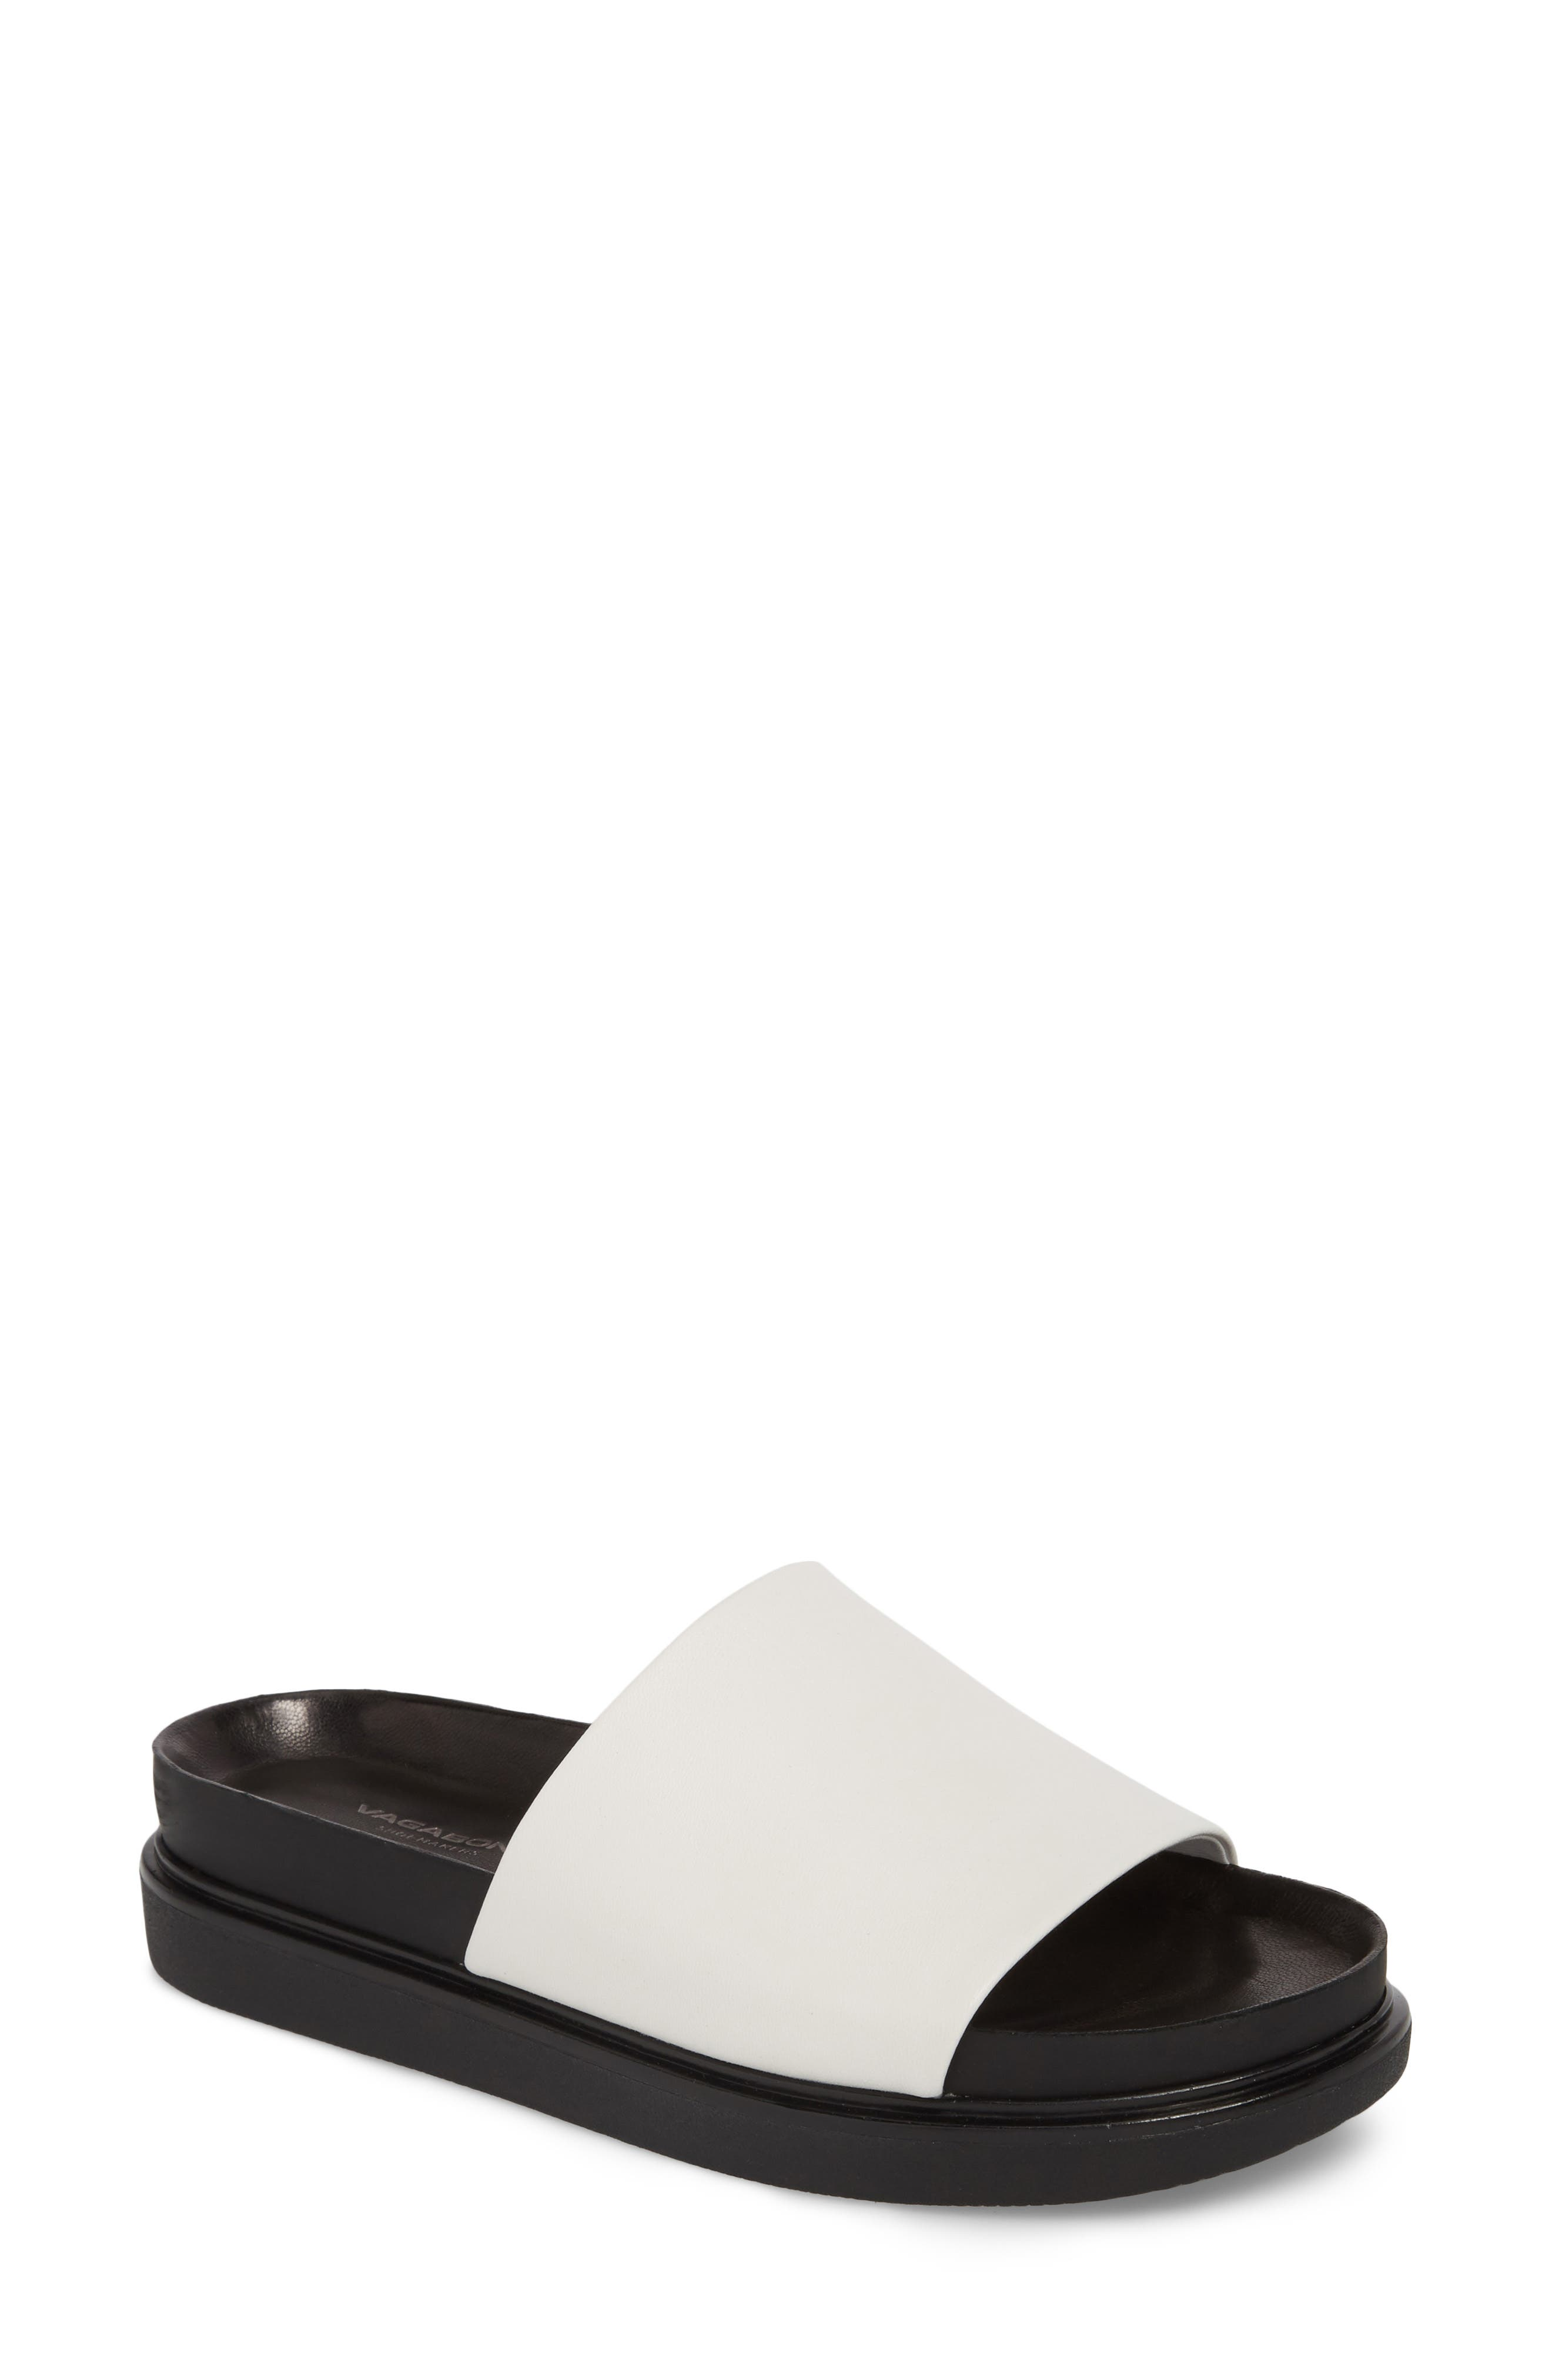 e617916df26 VAGABOND SHOEMAKERS Candy-Color Sandals for Women